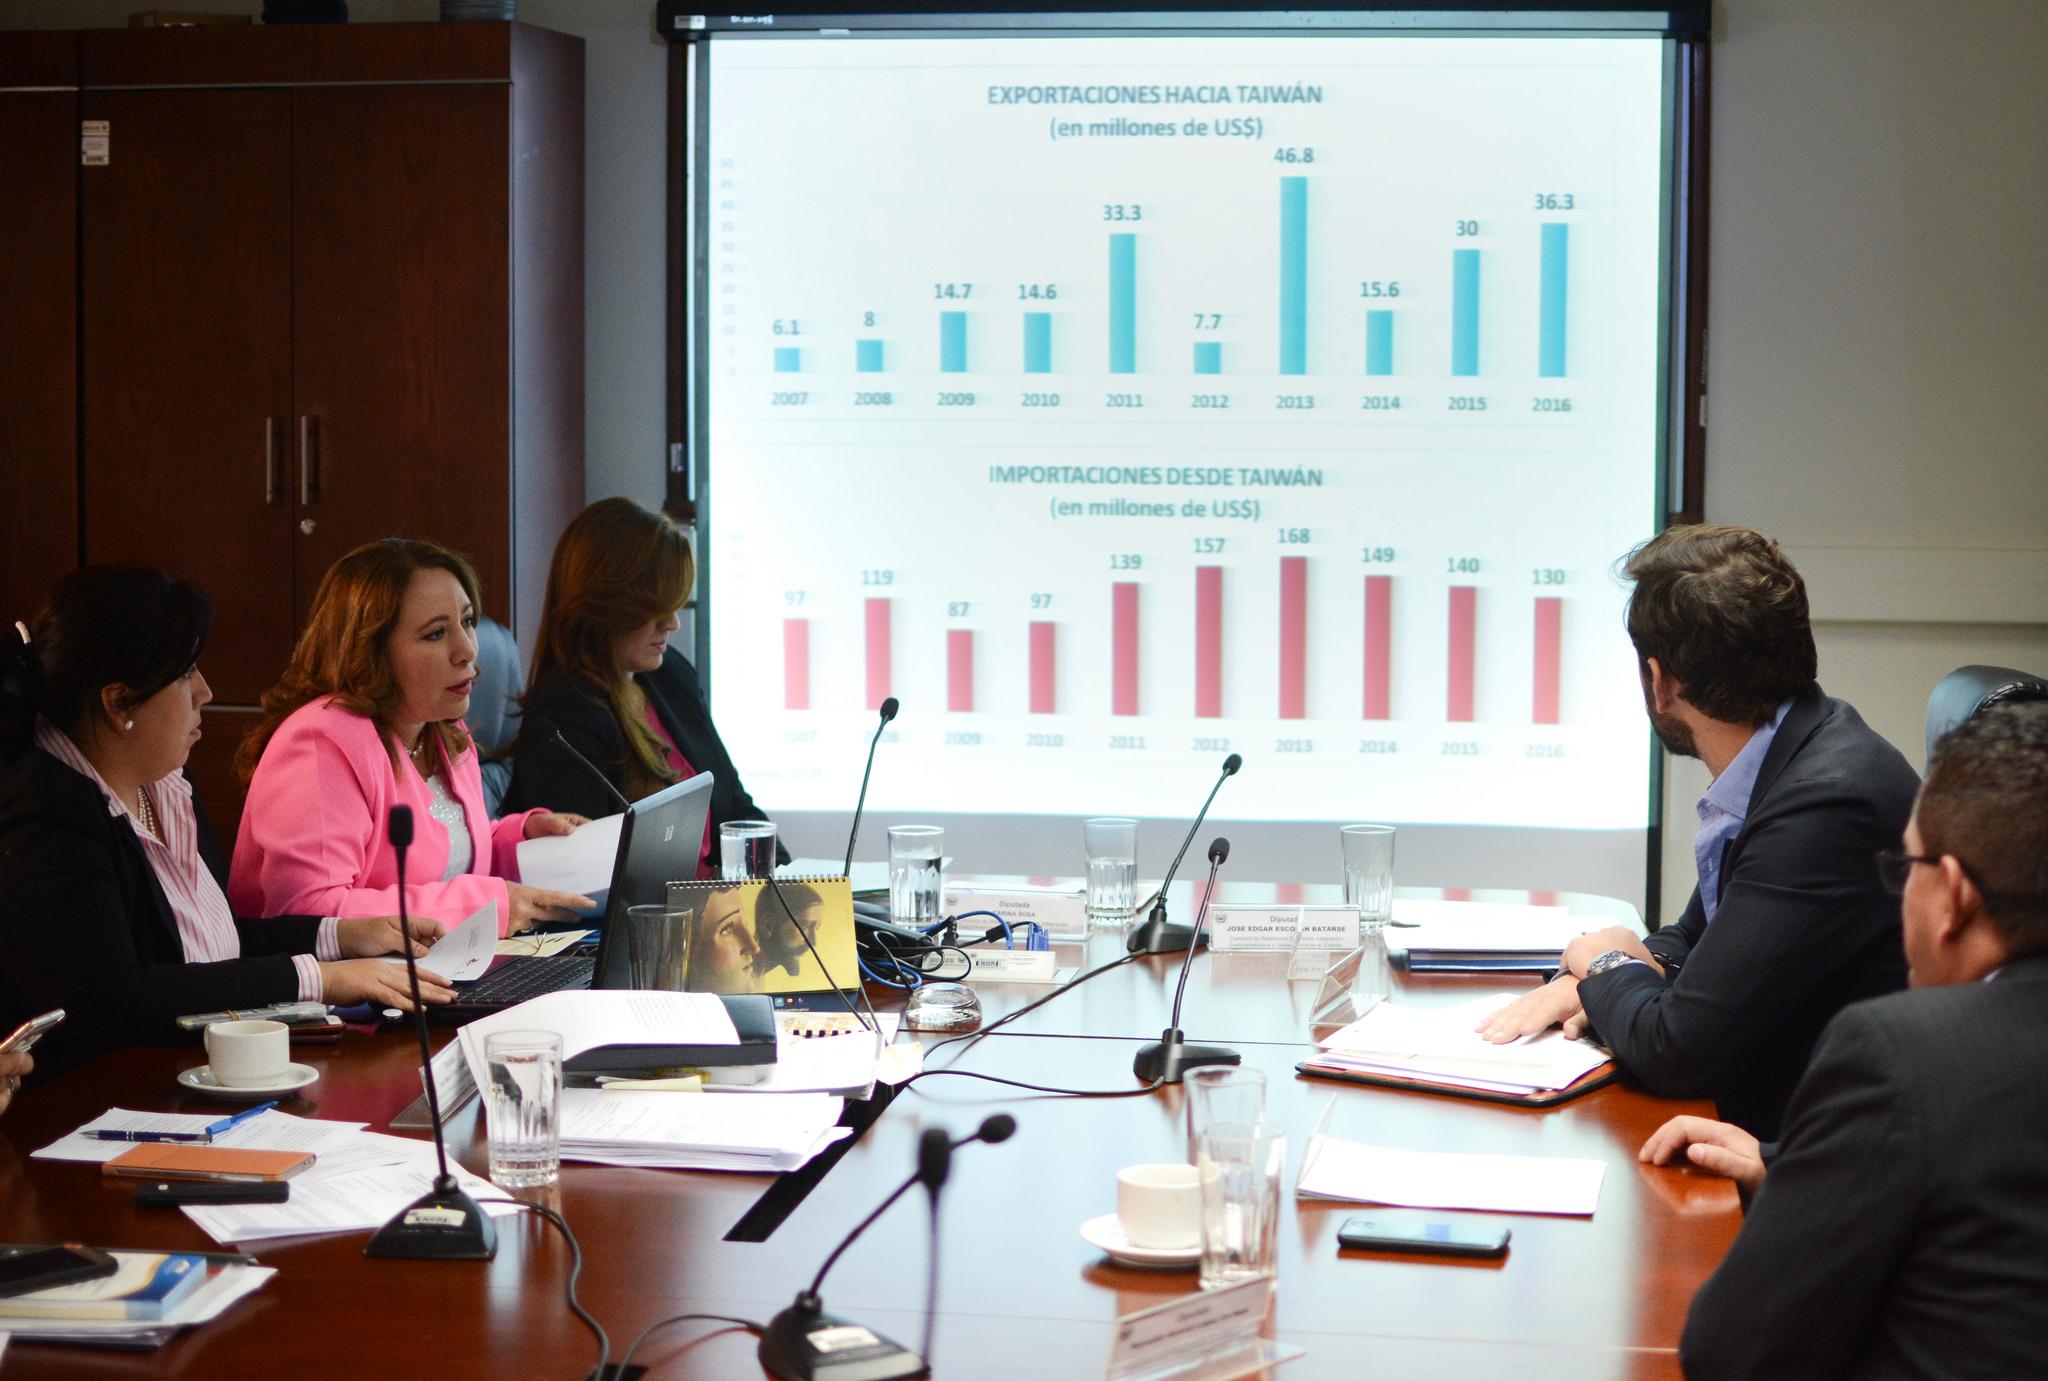 Gestionan la aprobación de mejoras en productos bajo el tratado de libre comercio entre El Salvador y Taiwán